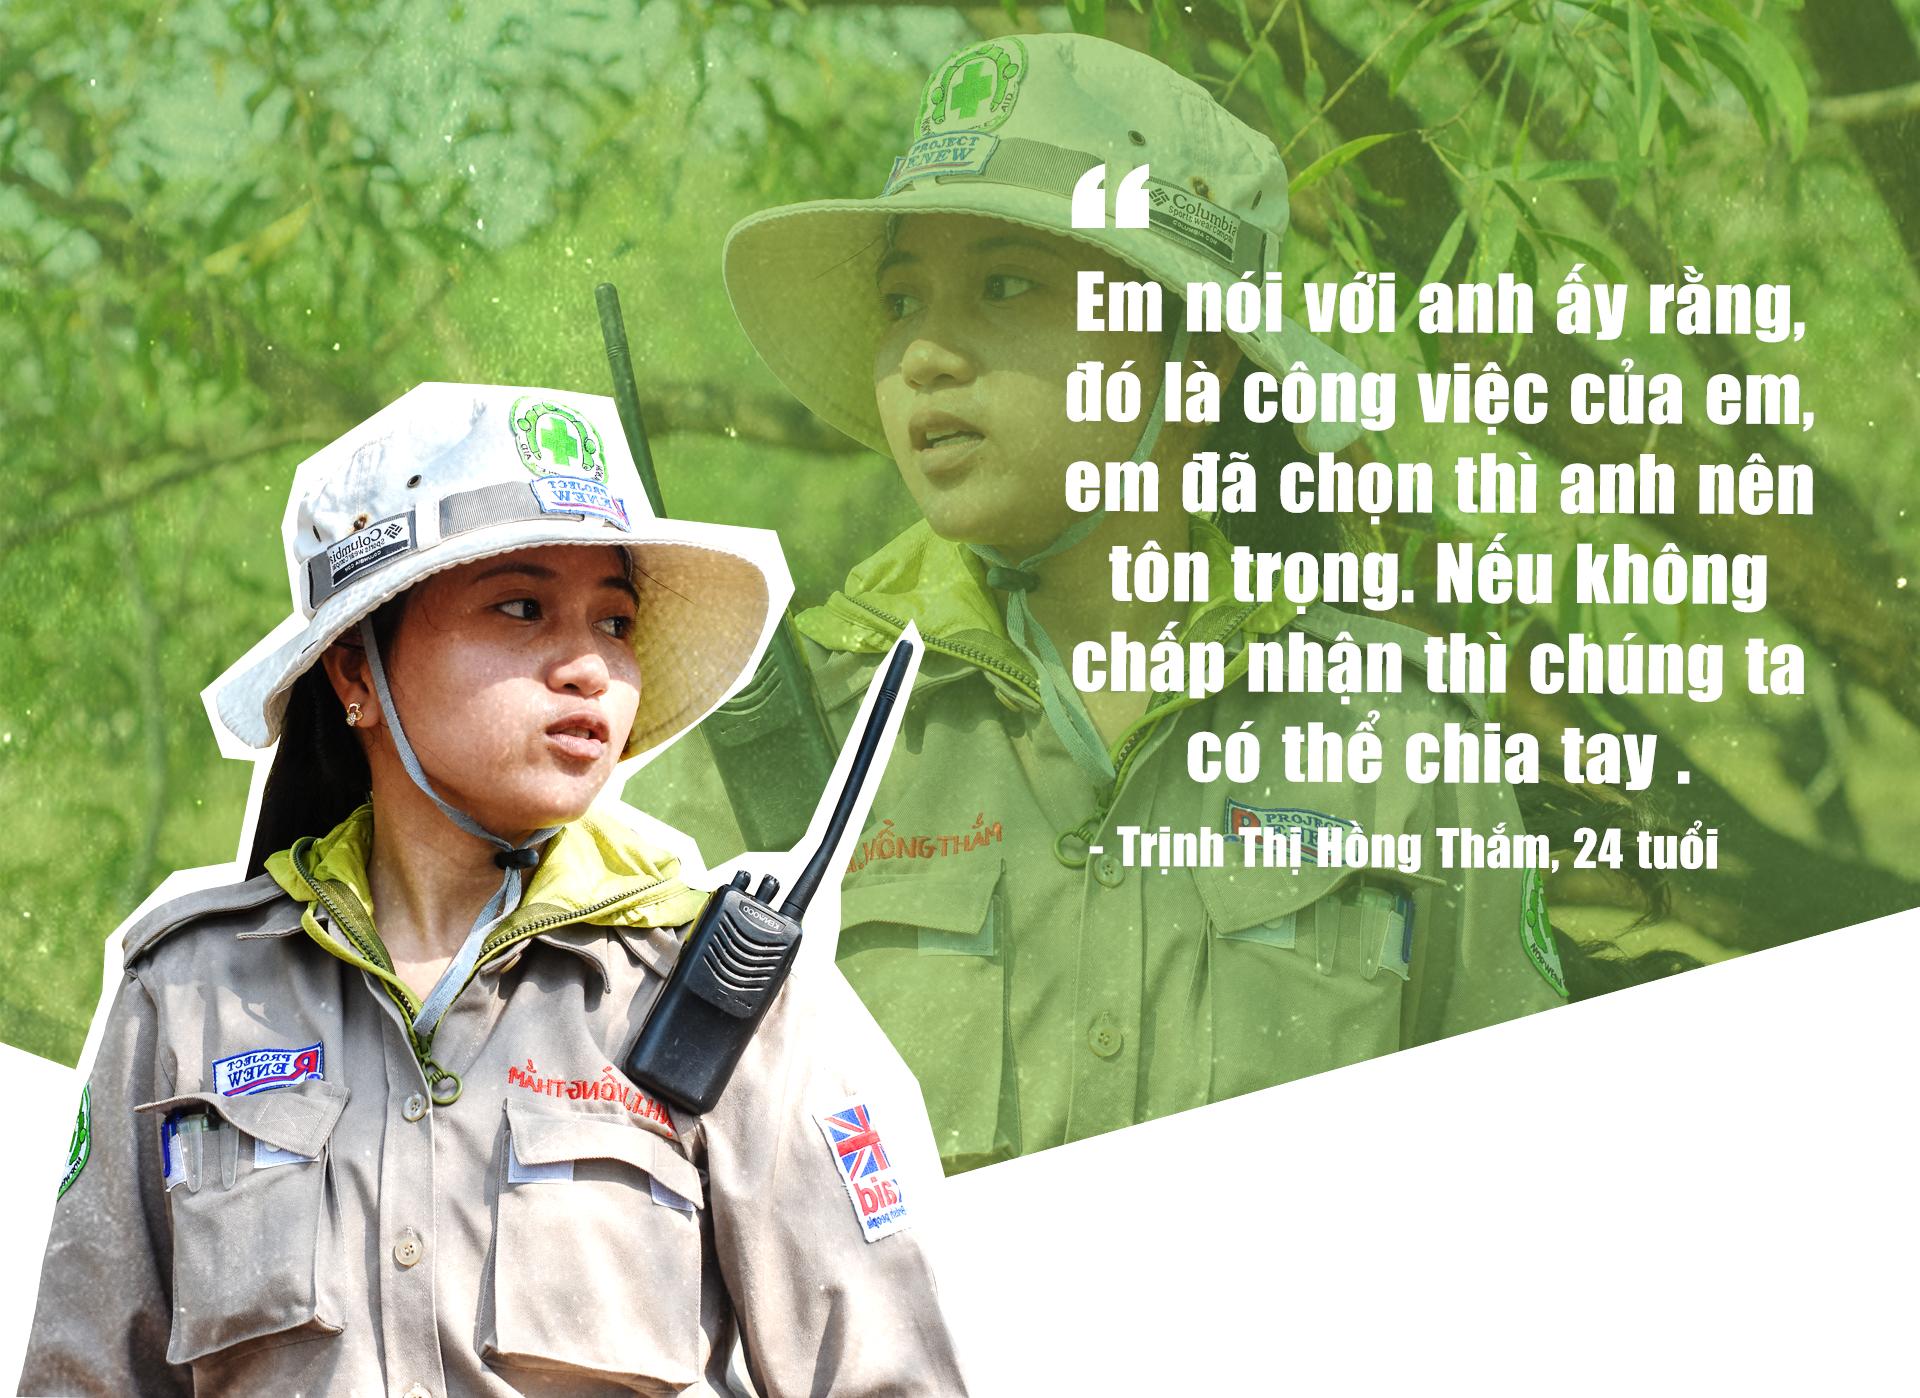 Đội nữ rà phá bom, mìn vùng 'đất lửa' Quảng Trị - ảnh 4